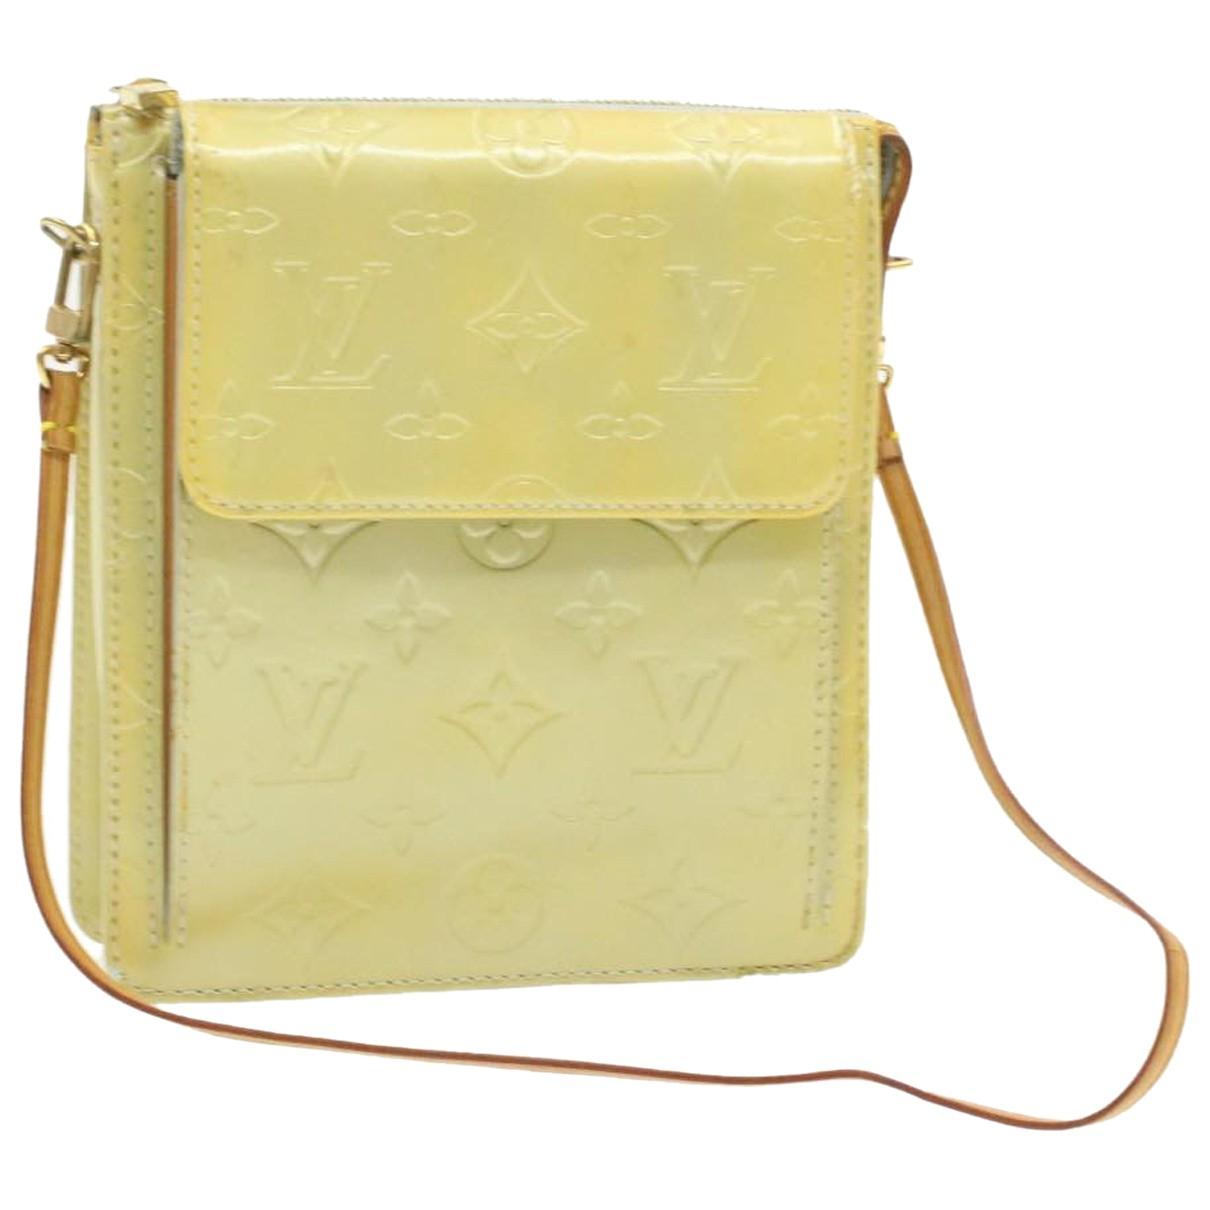 Louis Vuitton - Sac de voyage   pour femme en cuir verni - kaki